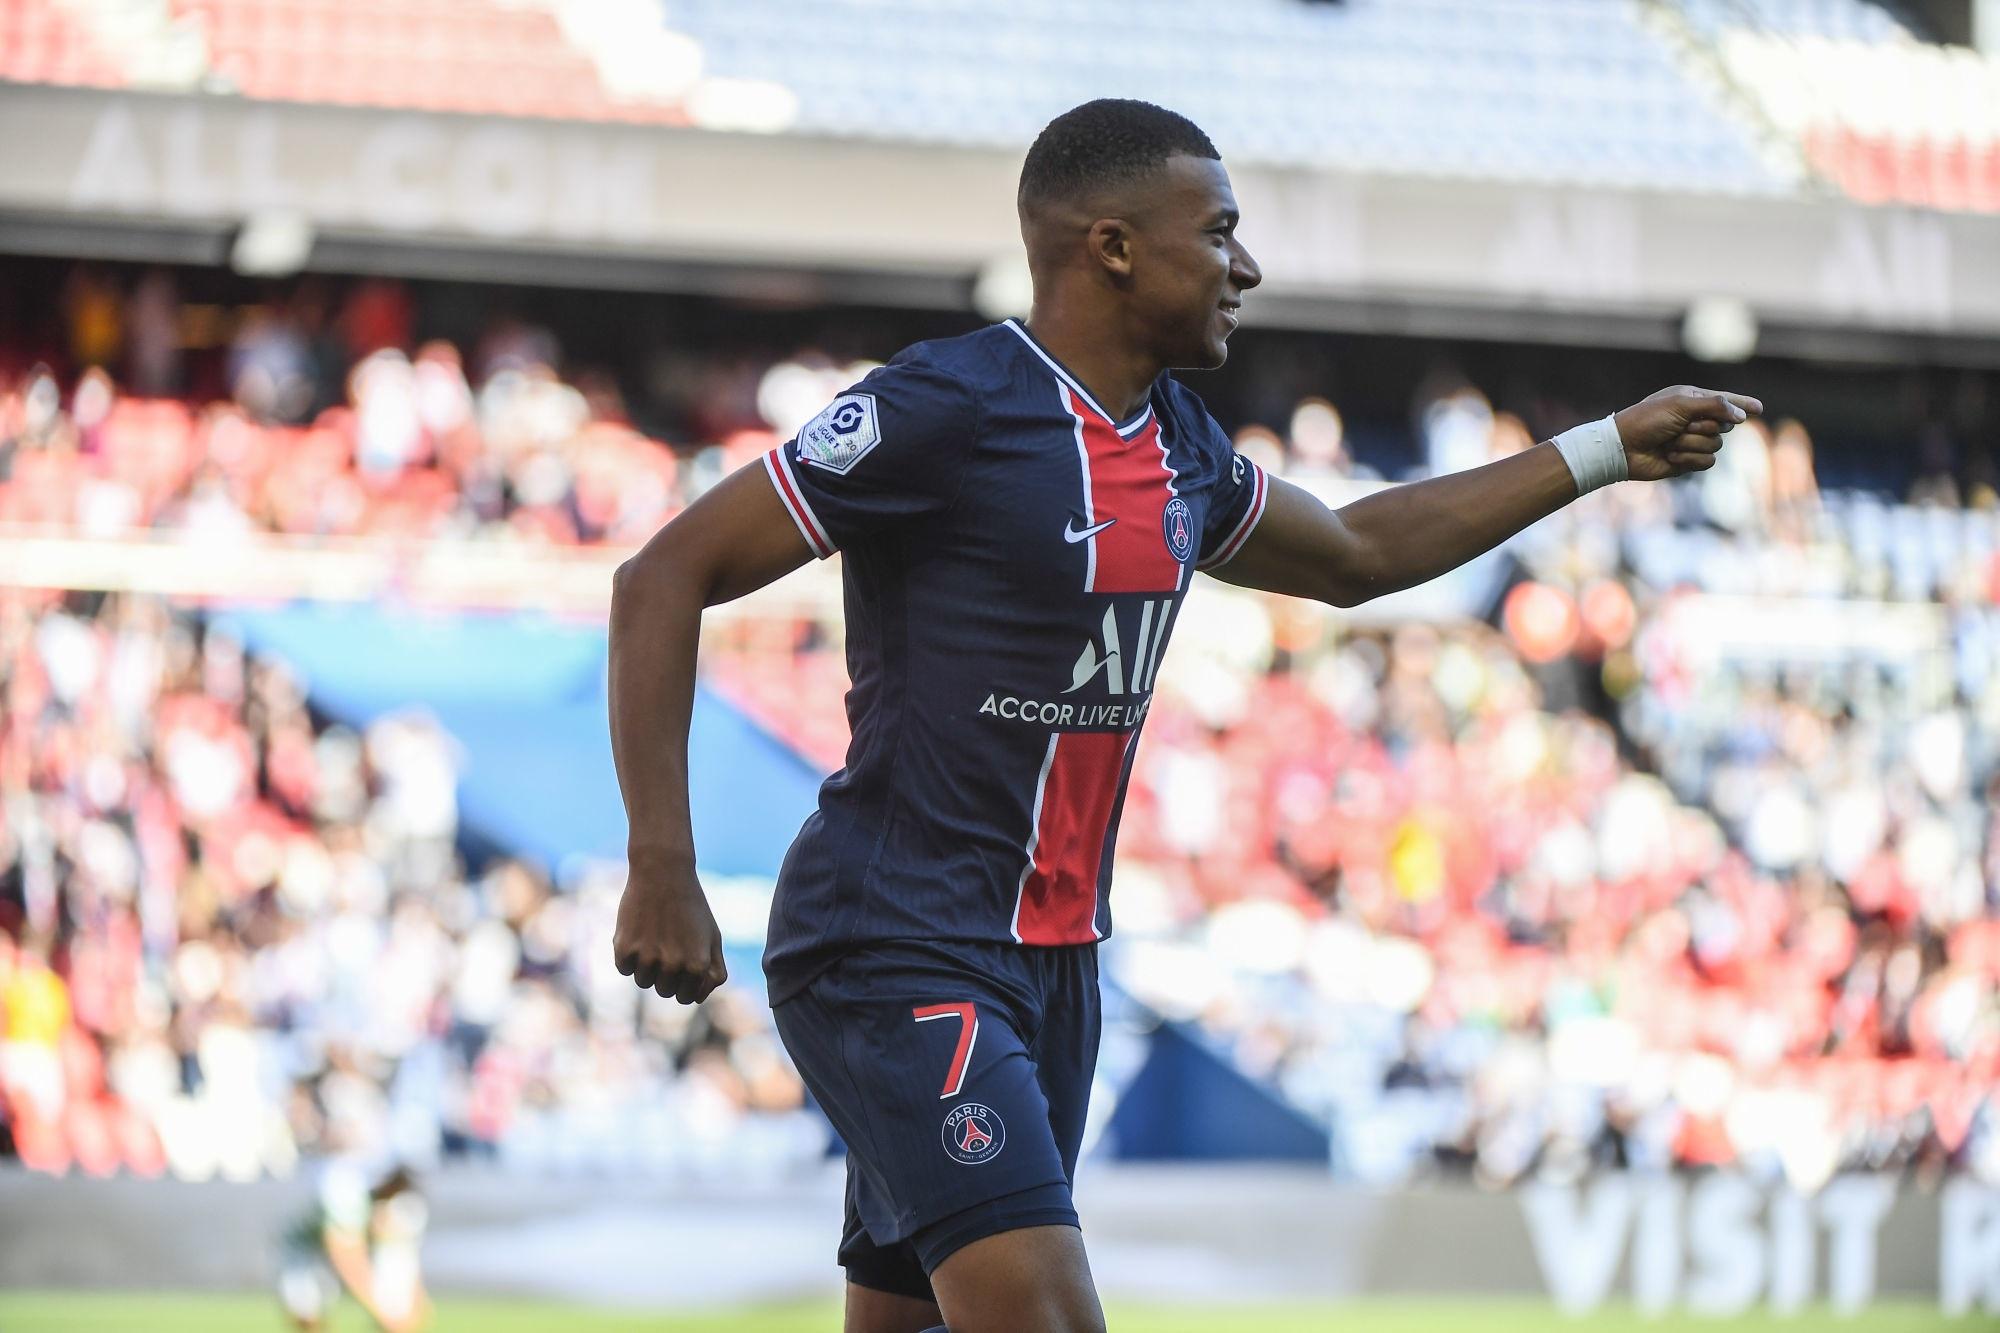 Mercato - Leonardo a revu l'entourage de Mbappé, mais la prolongation n'avance pas selon L'Equipe